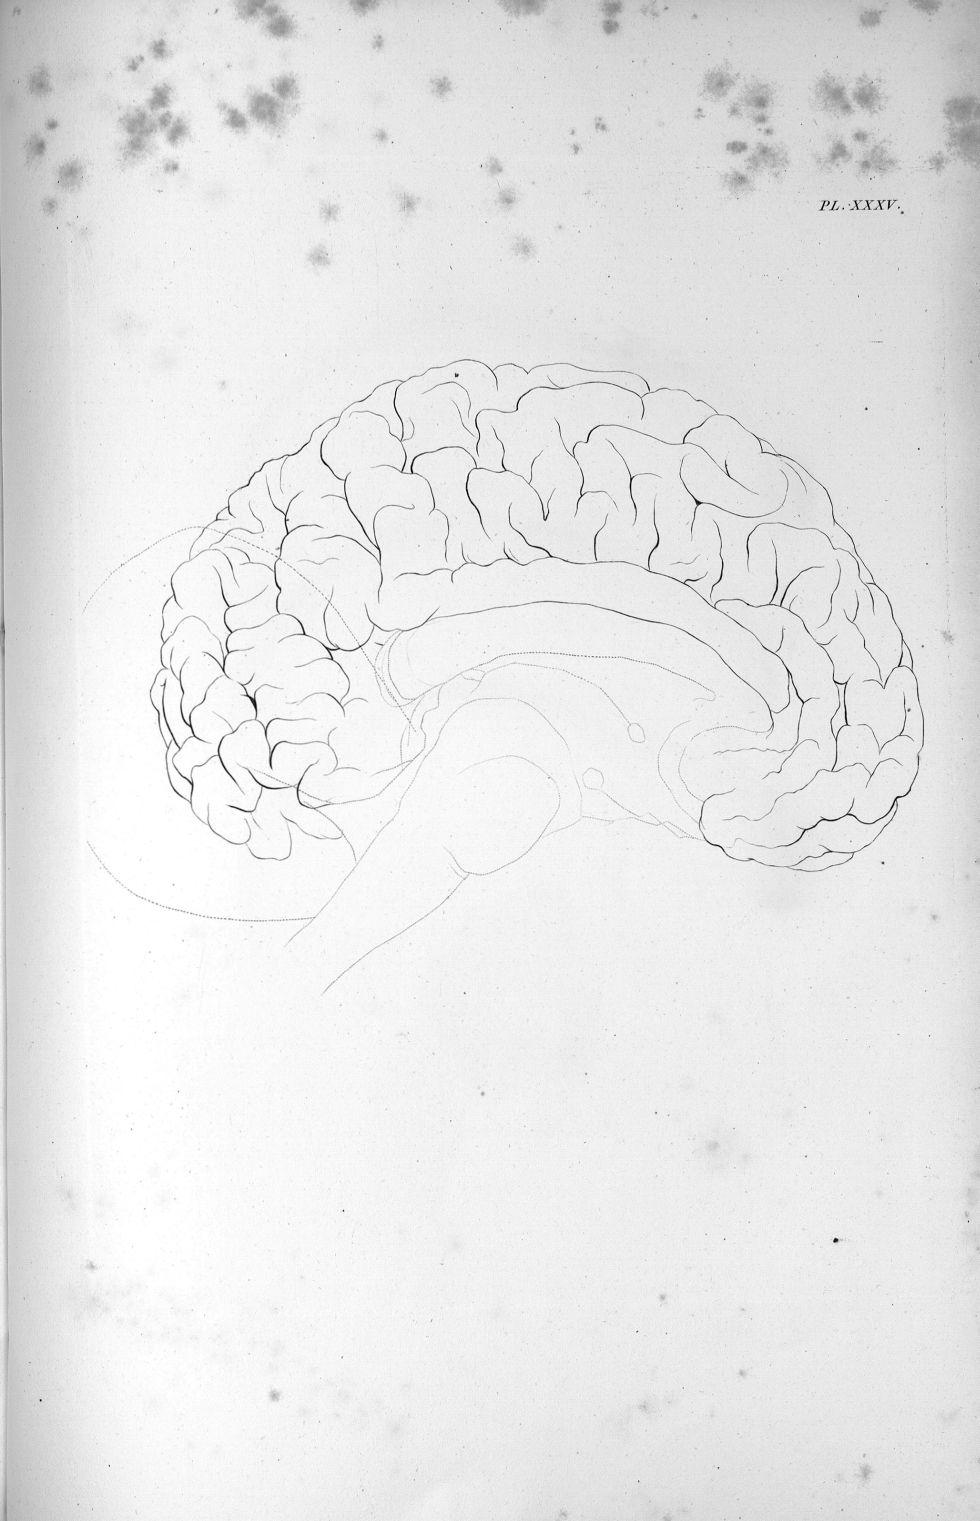 Pl. XXXV. Cerveau de l'éléphant - Anatomie et physiologie du système nerveux en général et du cervea [...] - Anatomie. Neurologie. Cerveaux. Animal, animaux. 19e siècle (France) - med00575x02x0365